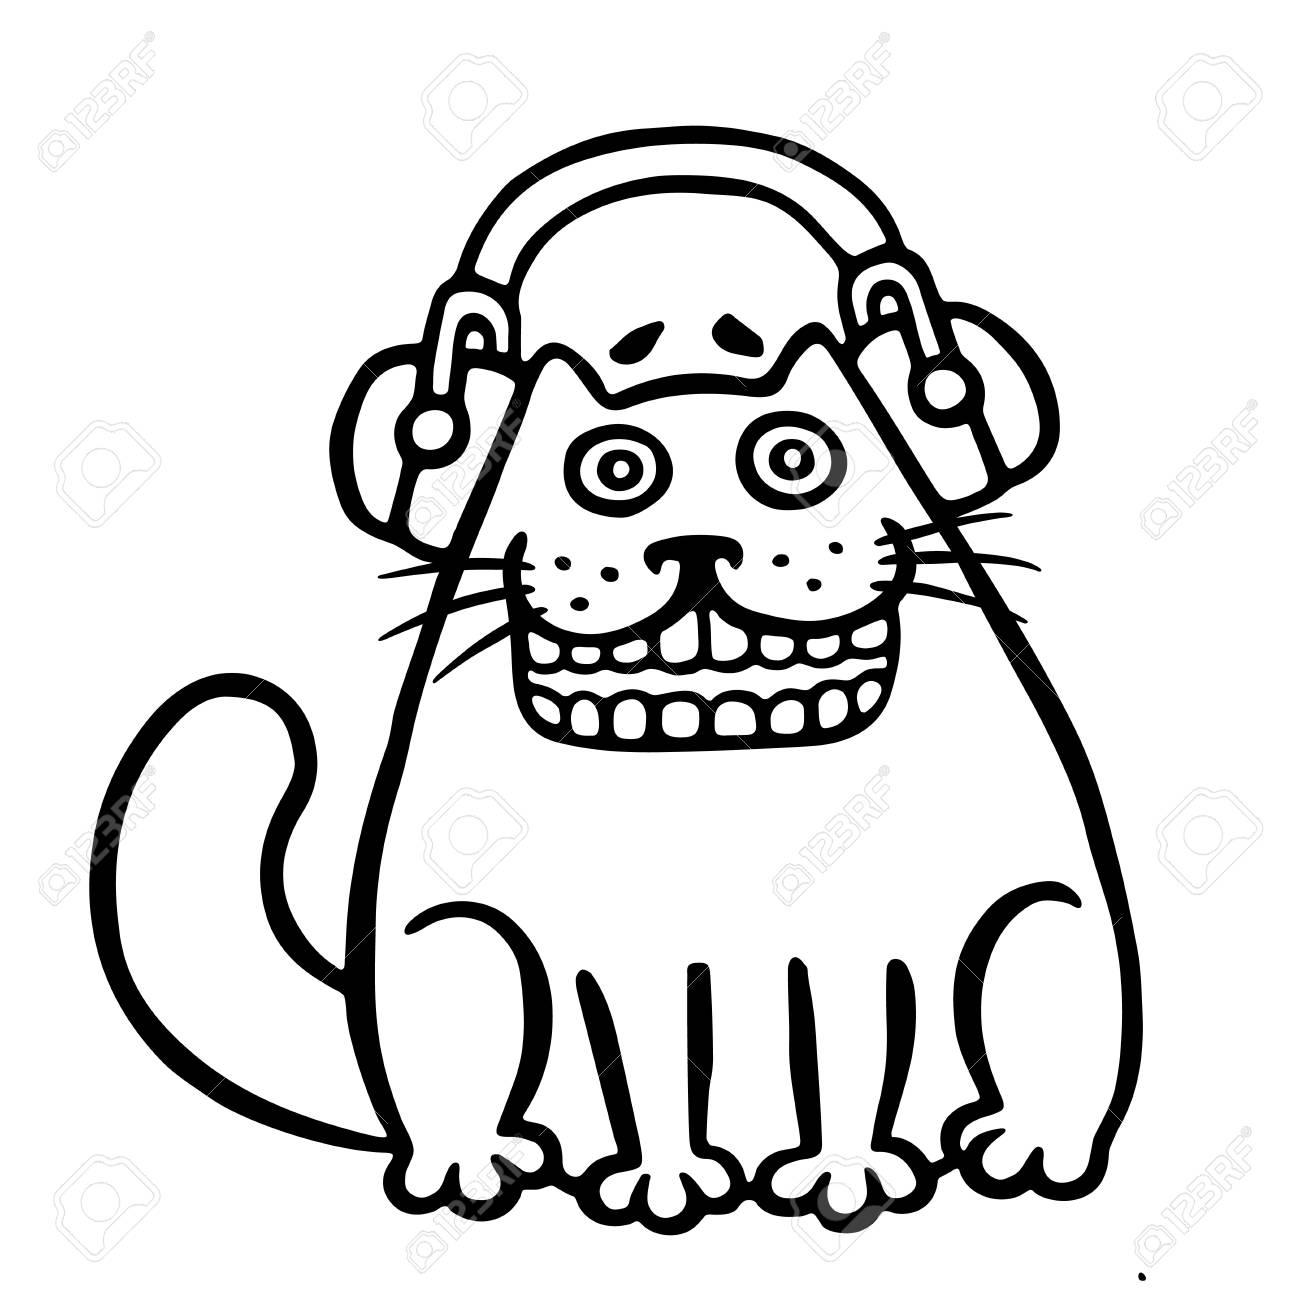 Résultats de recherche d'images pour «personnage écouteur»